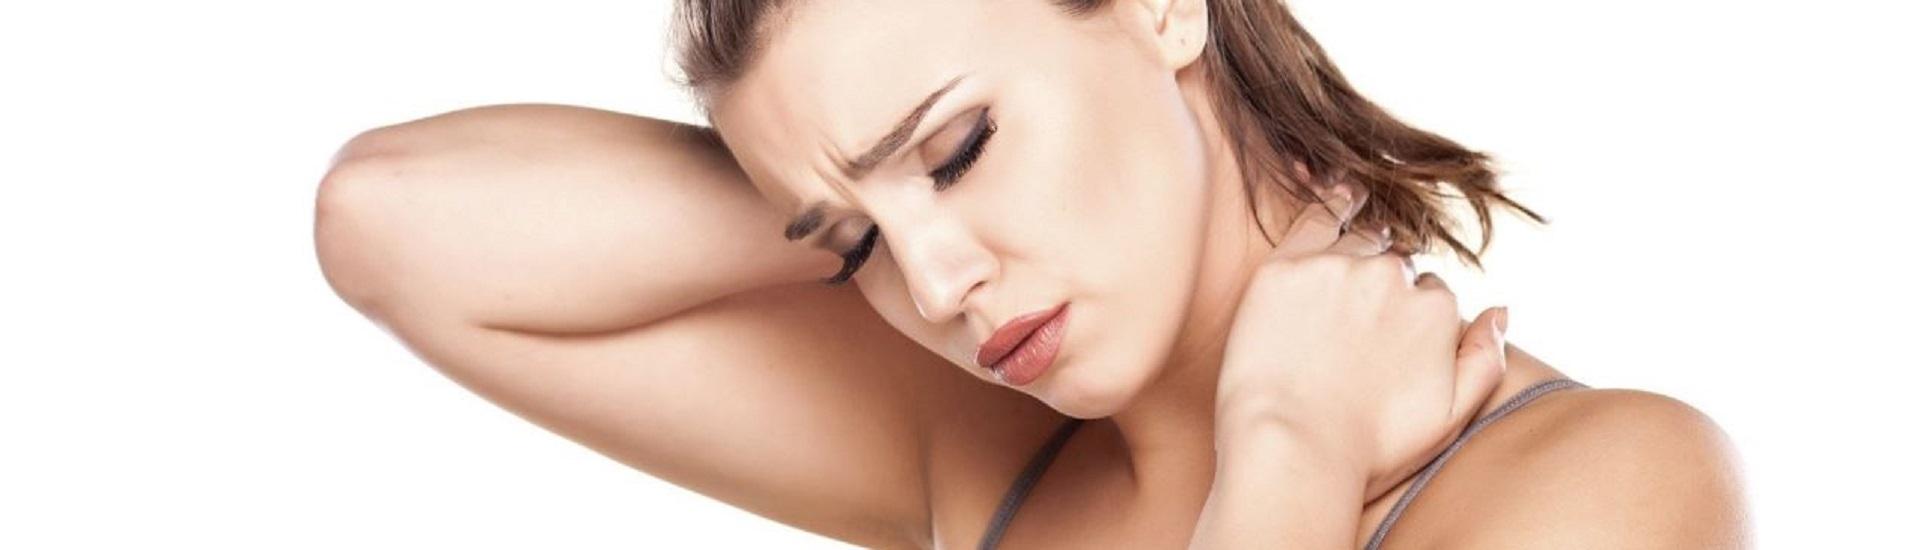 Remedios caseros para el aire en el cuello eliminalo r pido - Remedios caseros para quitar la mala suerte ...